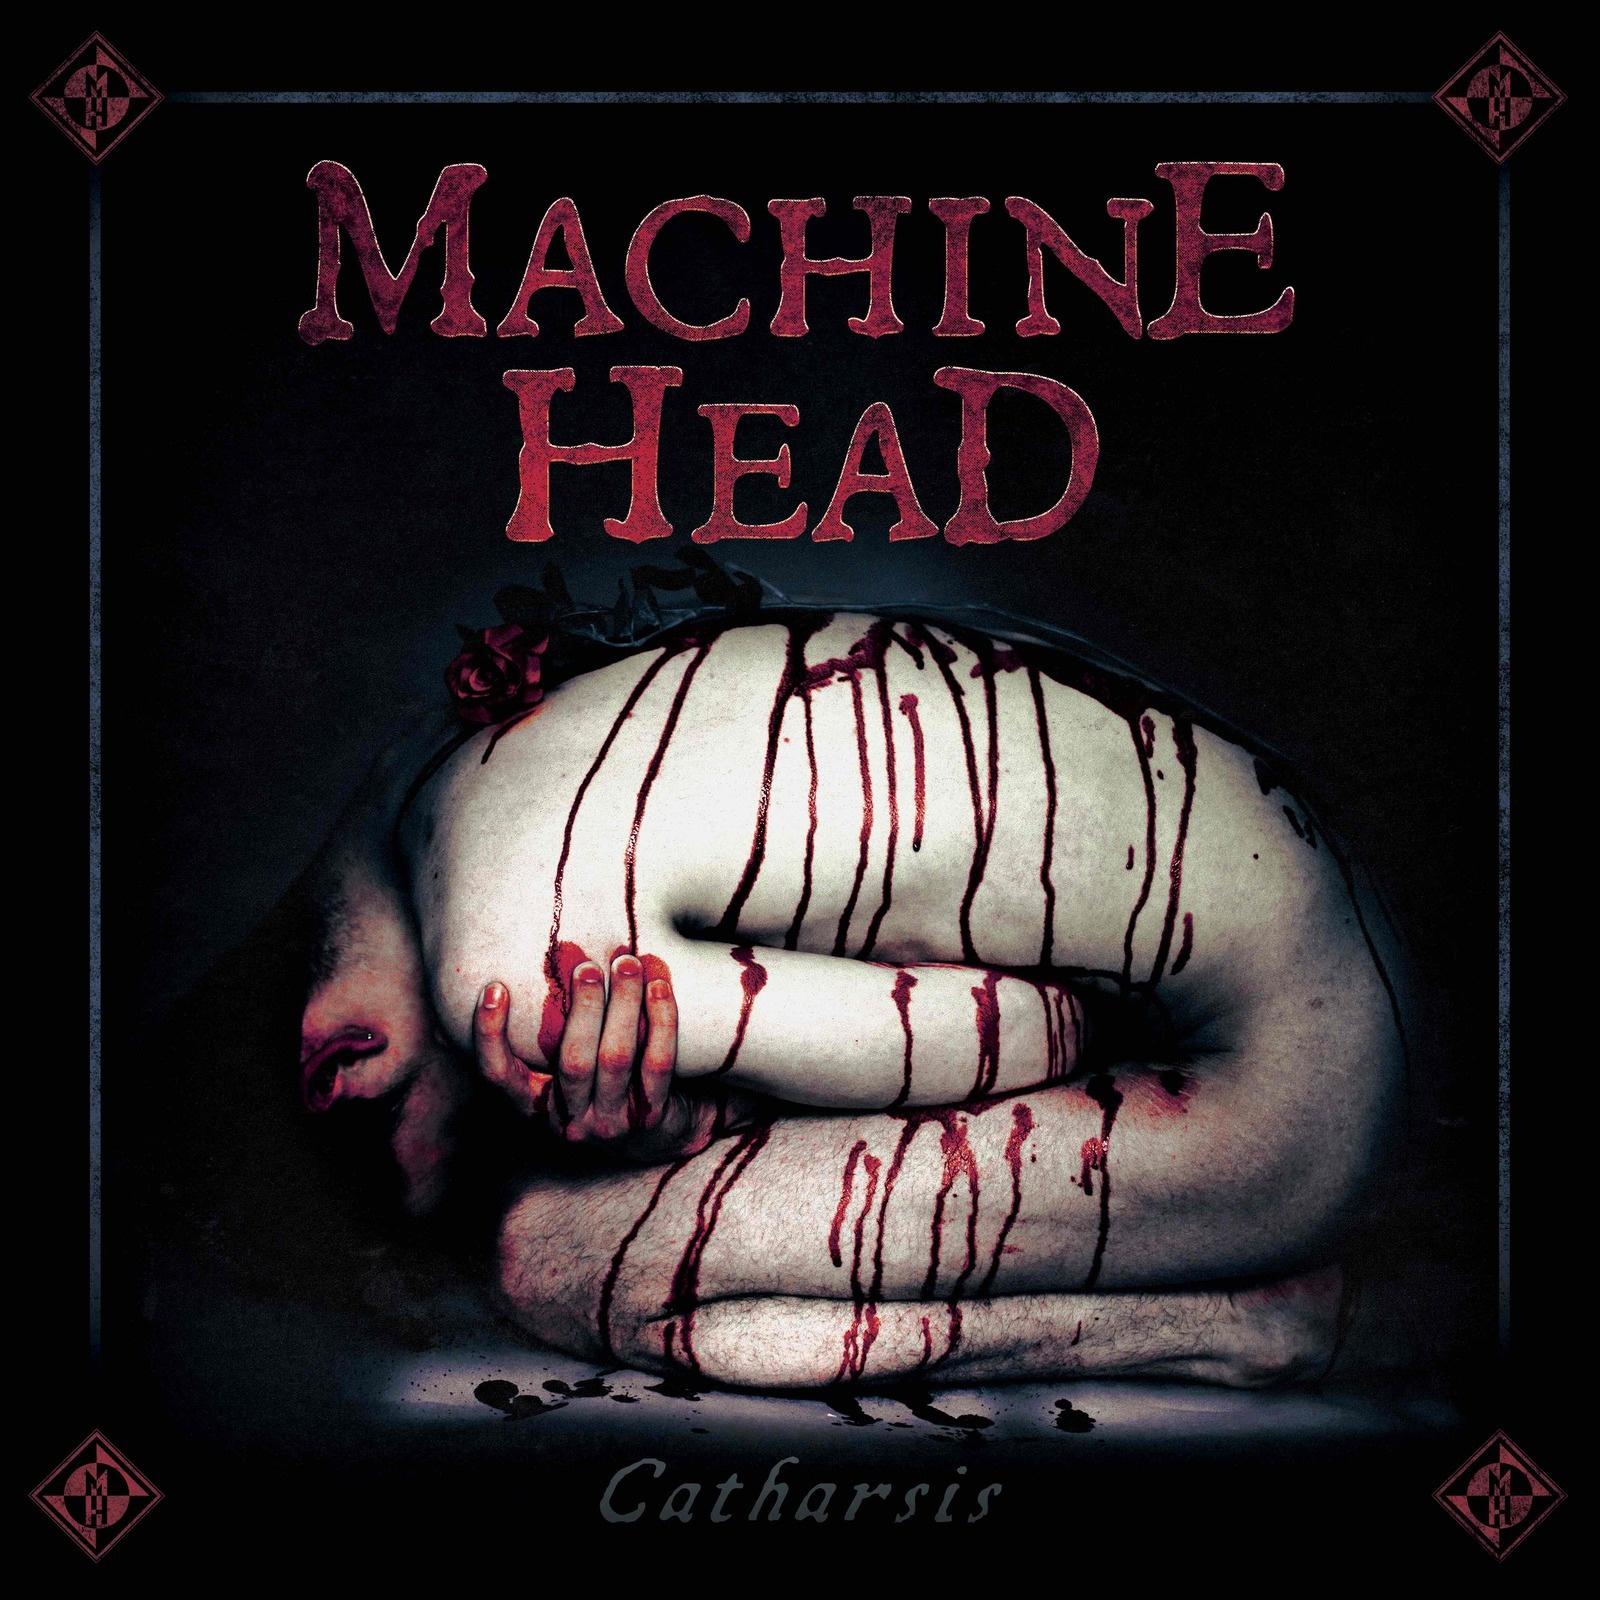 ob_60055c_machine-head-catharsis-digi-lp-400.jpg